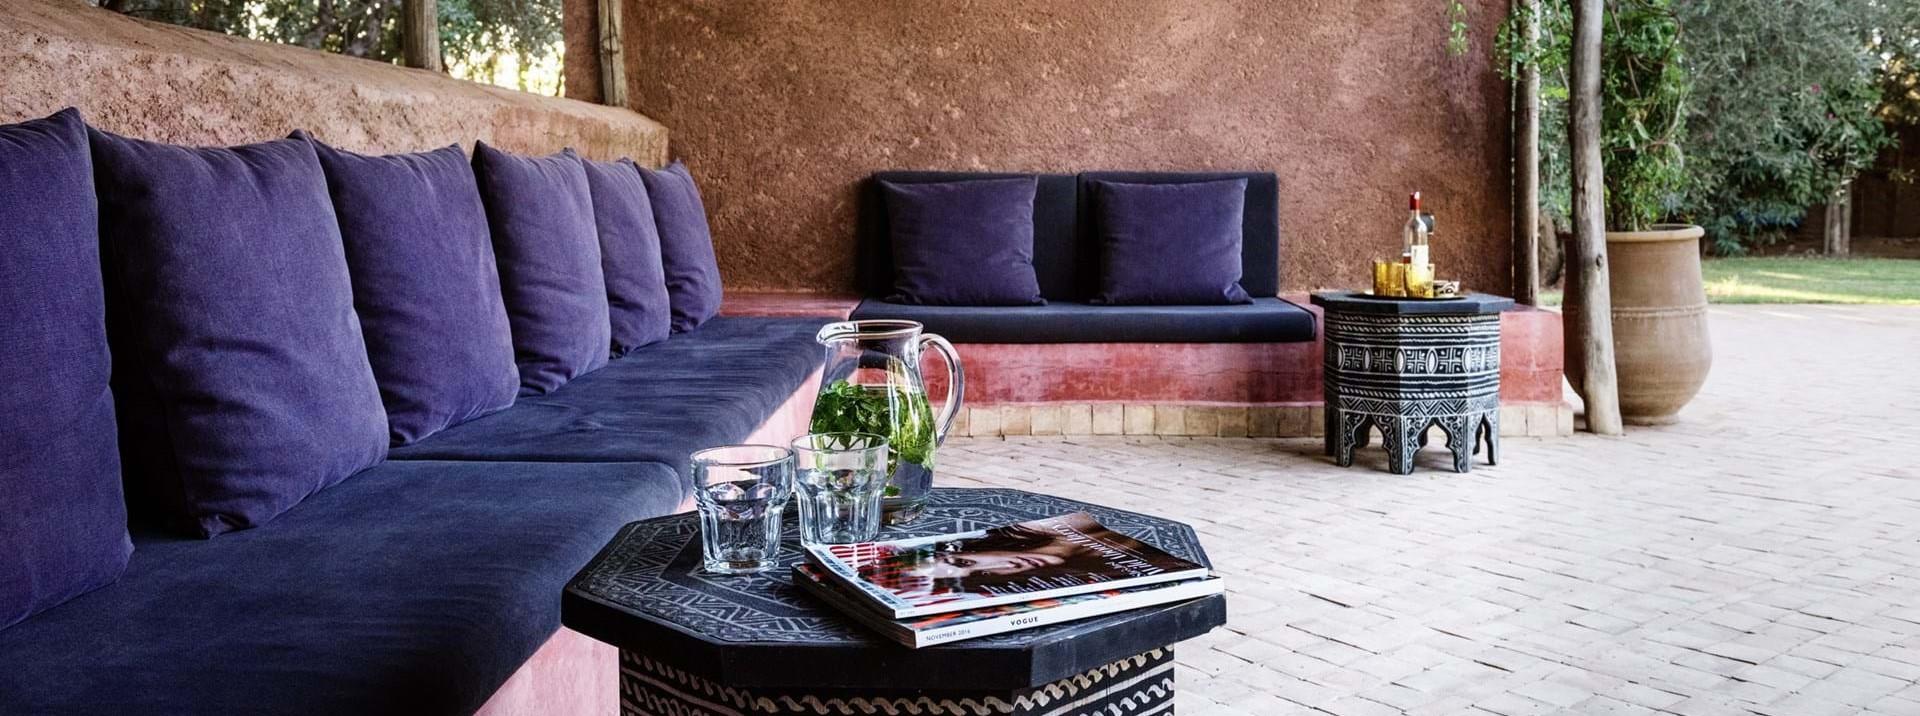 villa-mauresque-marrakech-garden-gazebo.